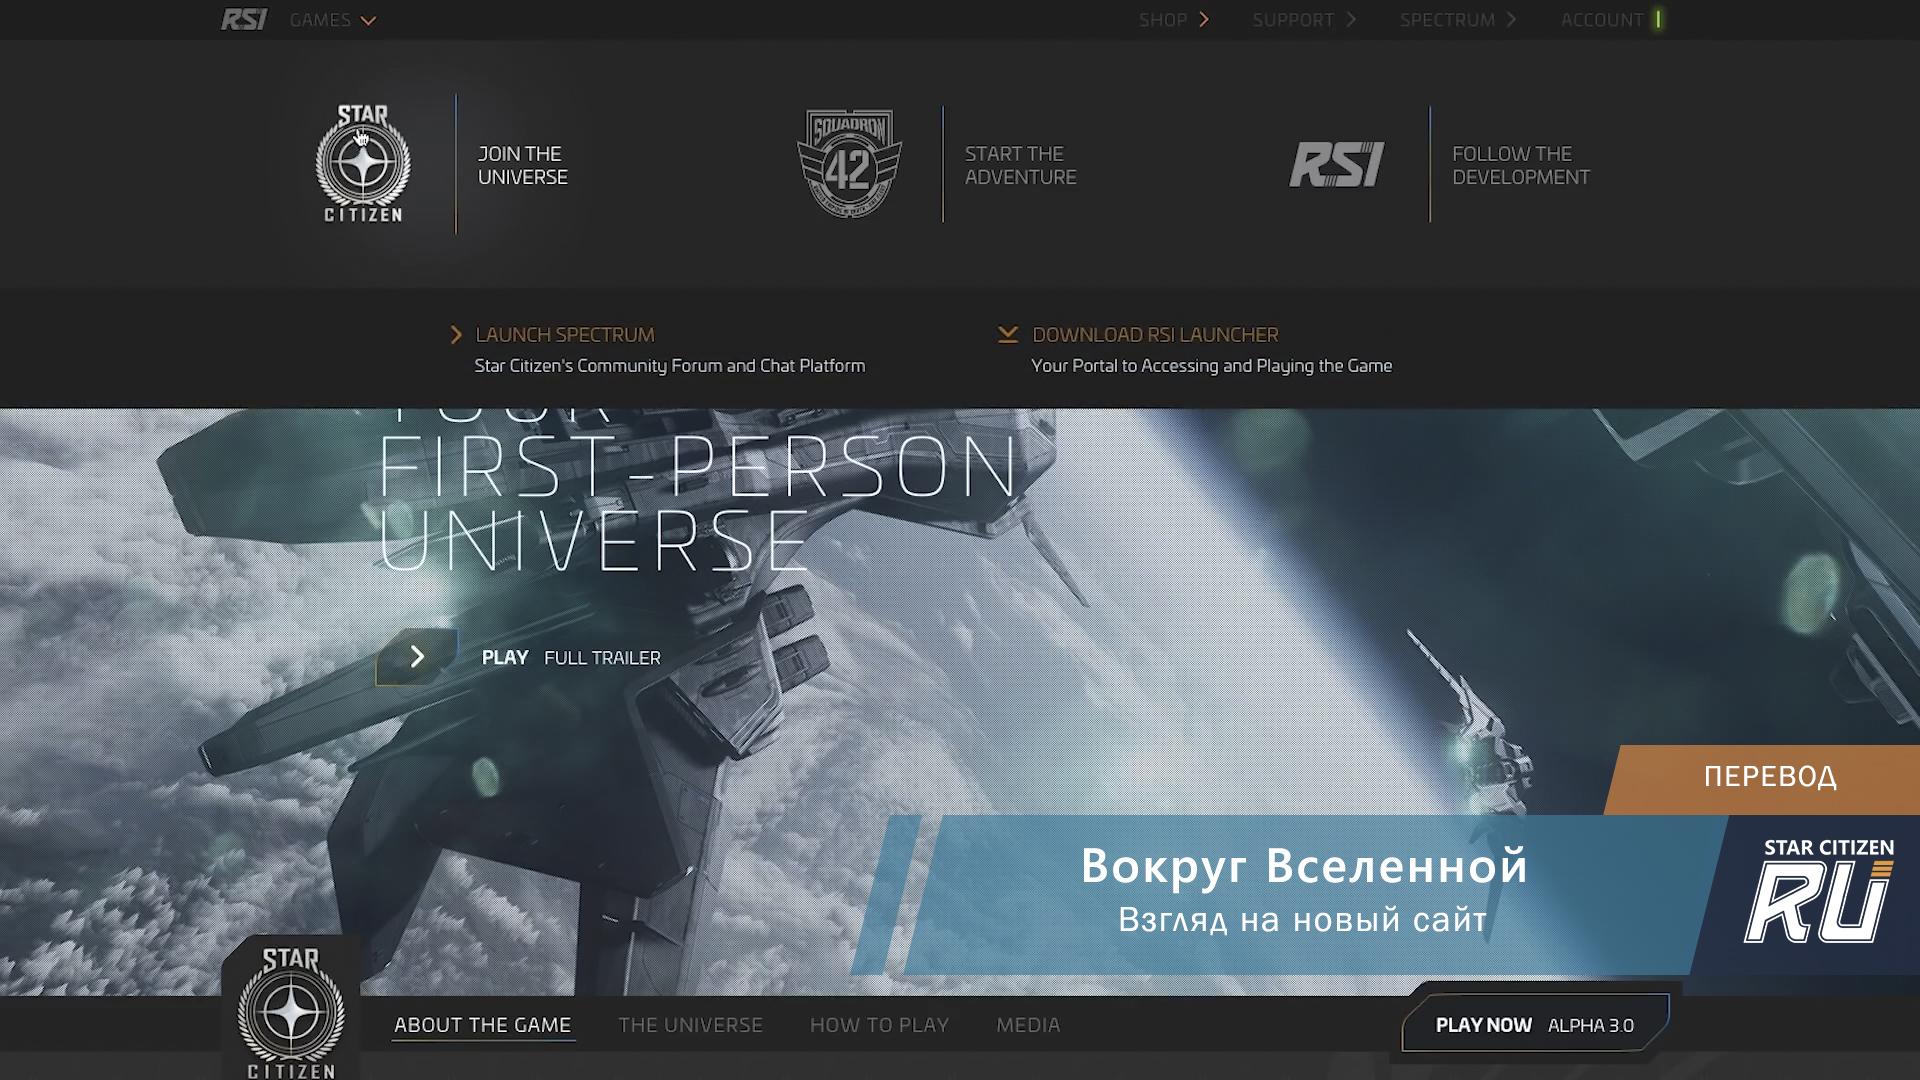 Вокруг Вселенной - взгляд на новый сайт